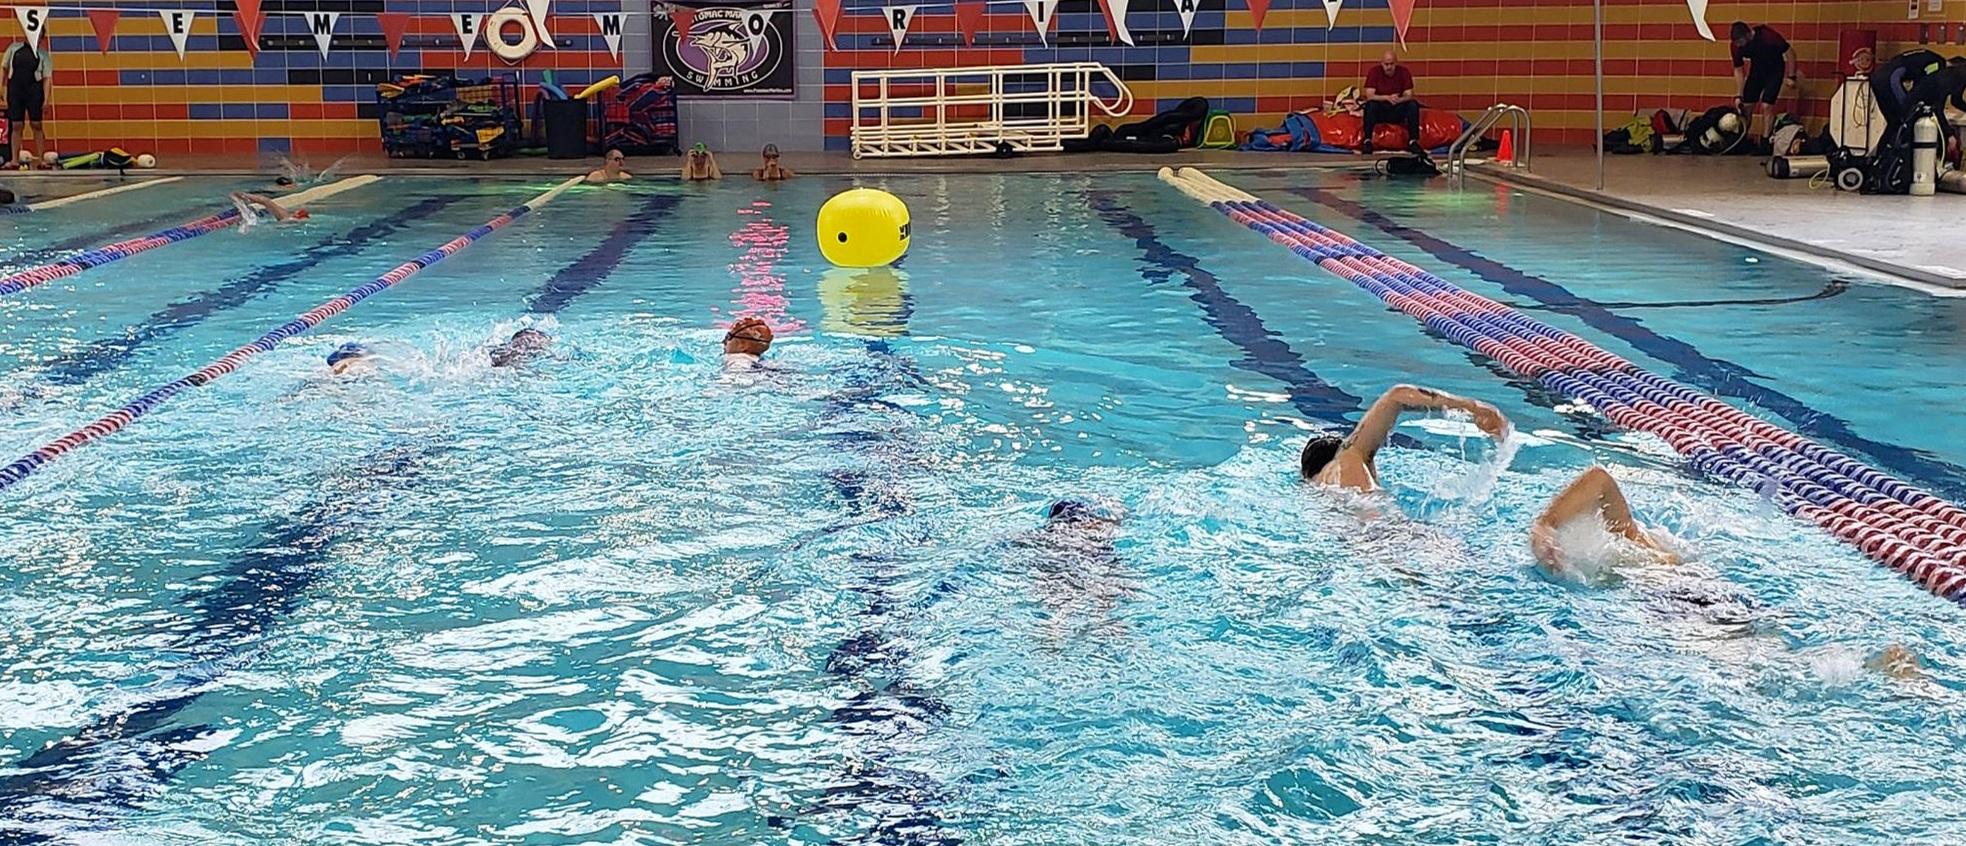 SwimBox Swim Team SwimBox Swim Coach Swimming Lessons SwimBox Learn to Swim Fairfax SwimBox Vienna